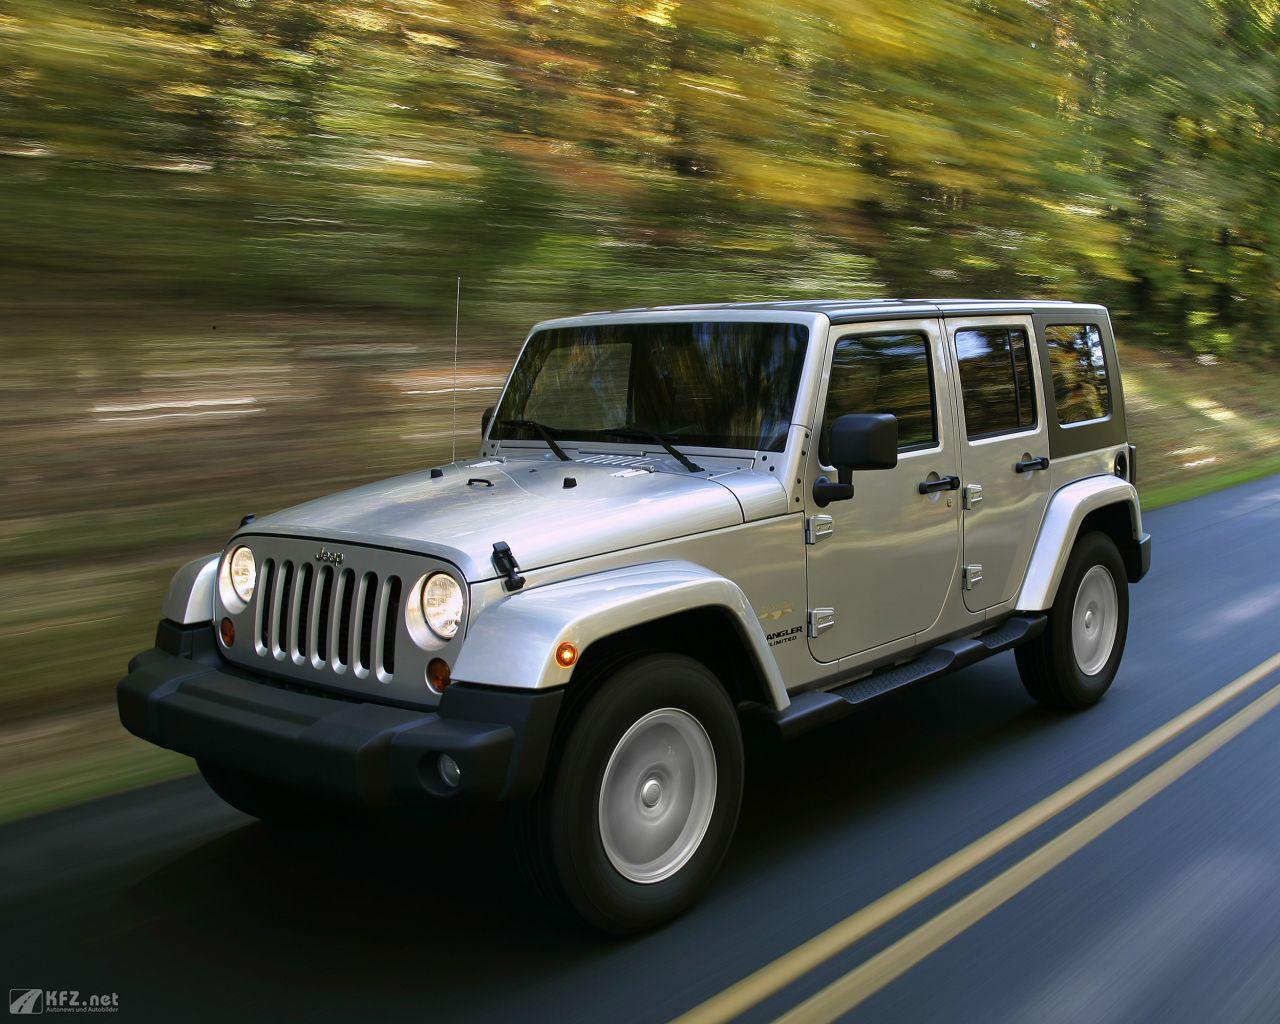 jeep-wrangler-1280x1024-16